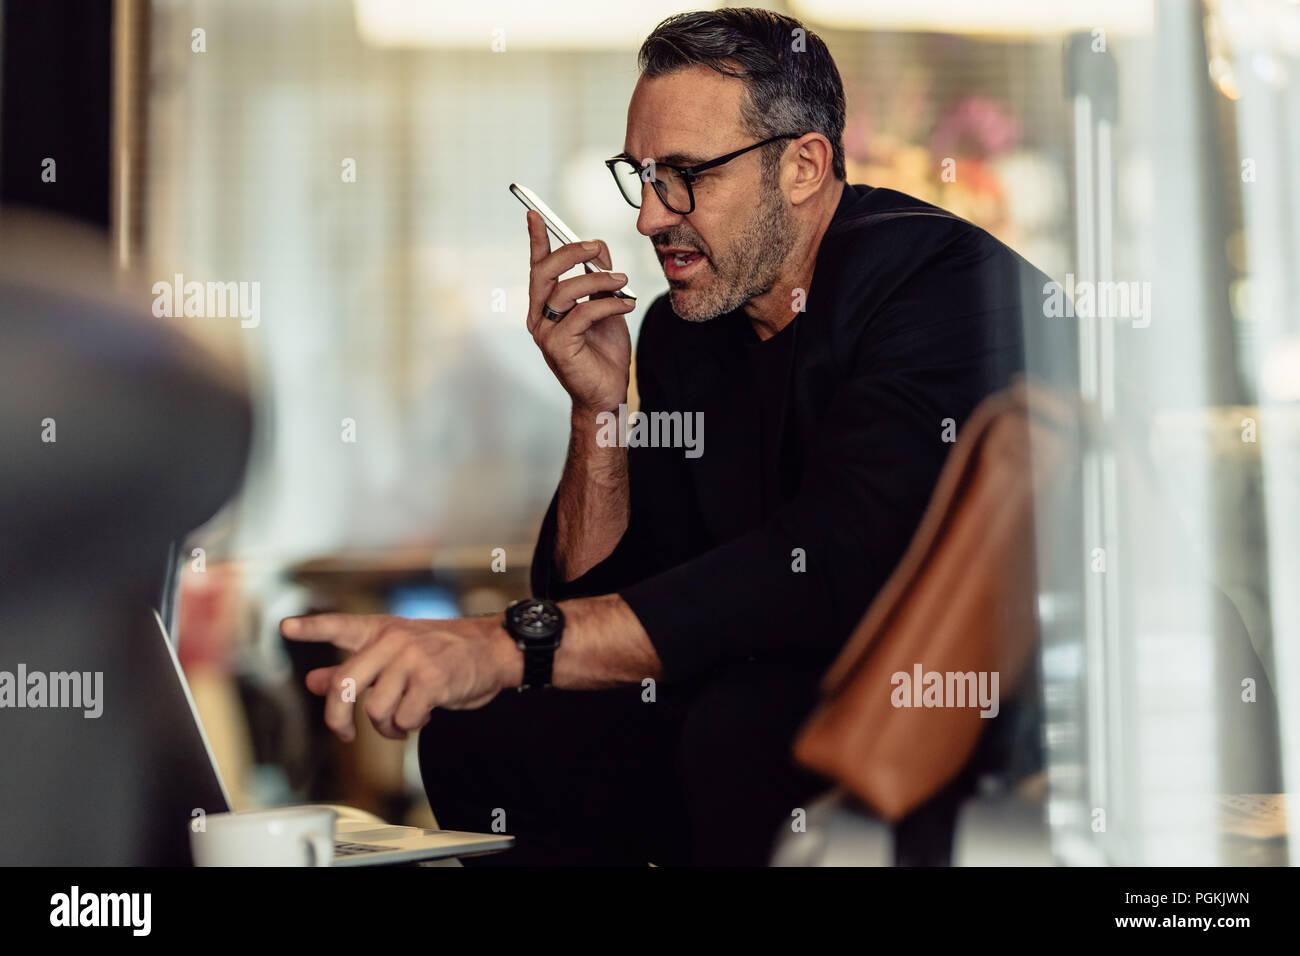 Hombre de negocios maduro hablando por teléfono mientras mira el portátil. CEO trabajando mientras está sentado en el vestíbulo del hotel. Imagen De Stock